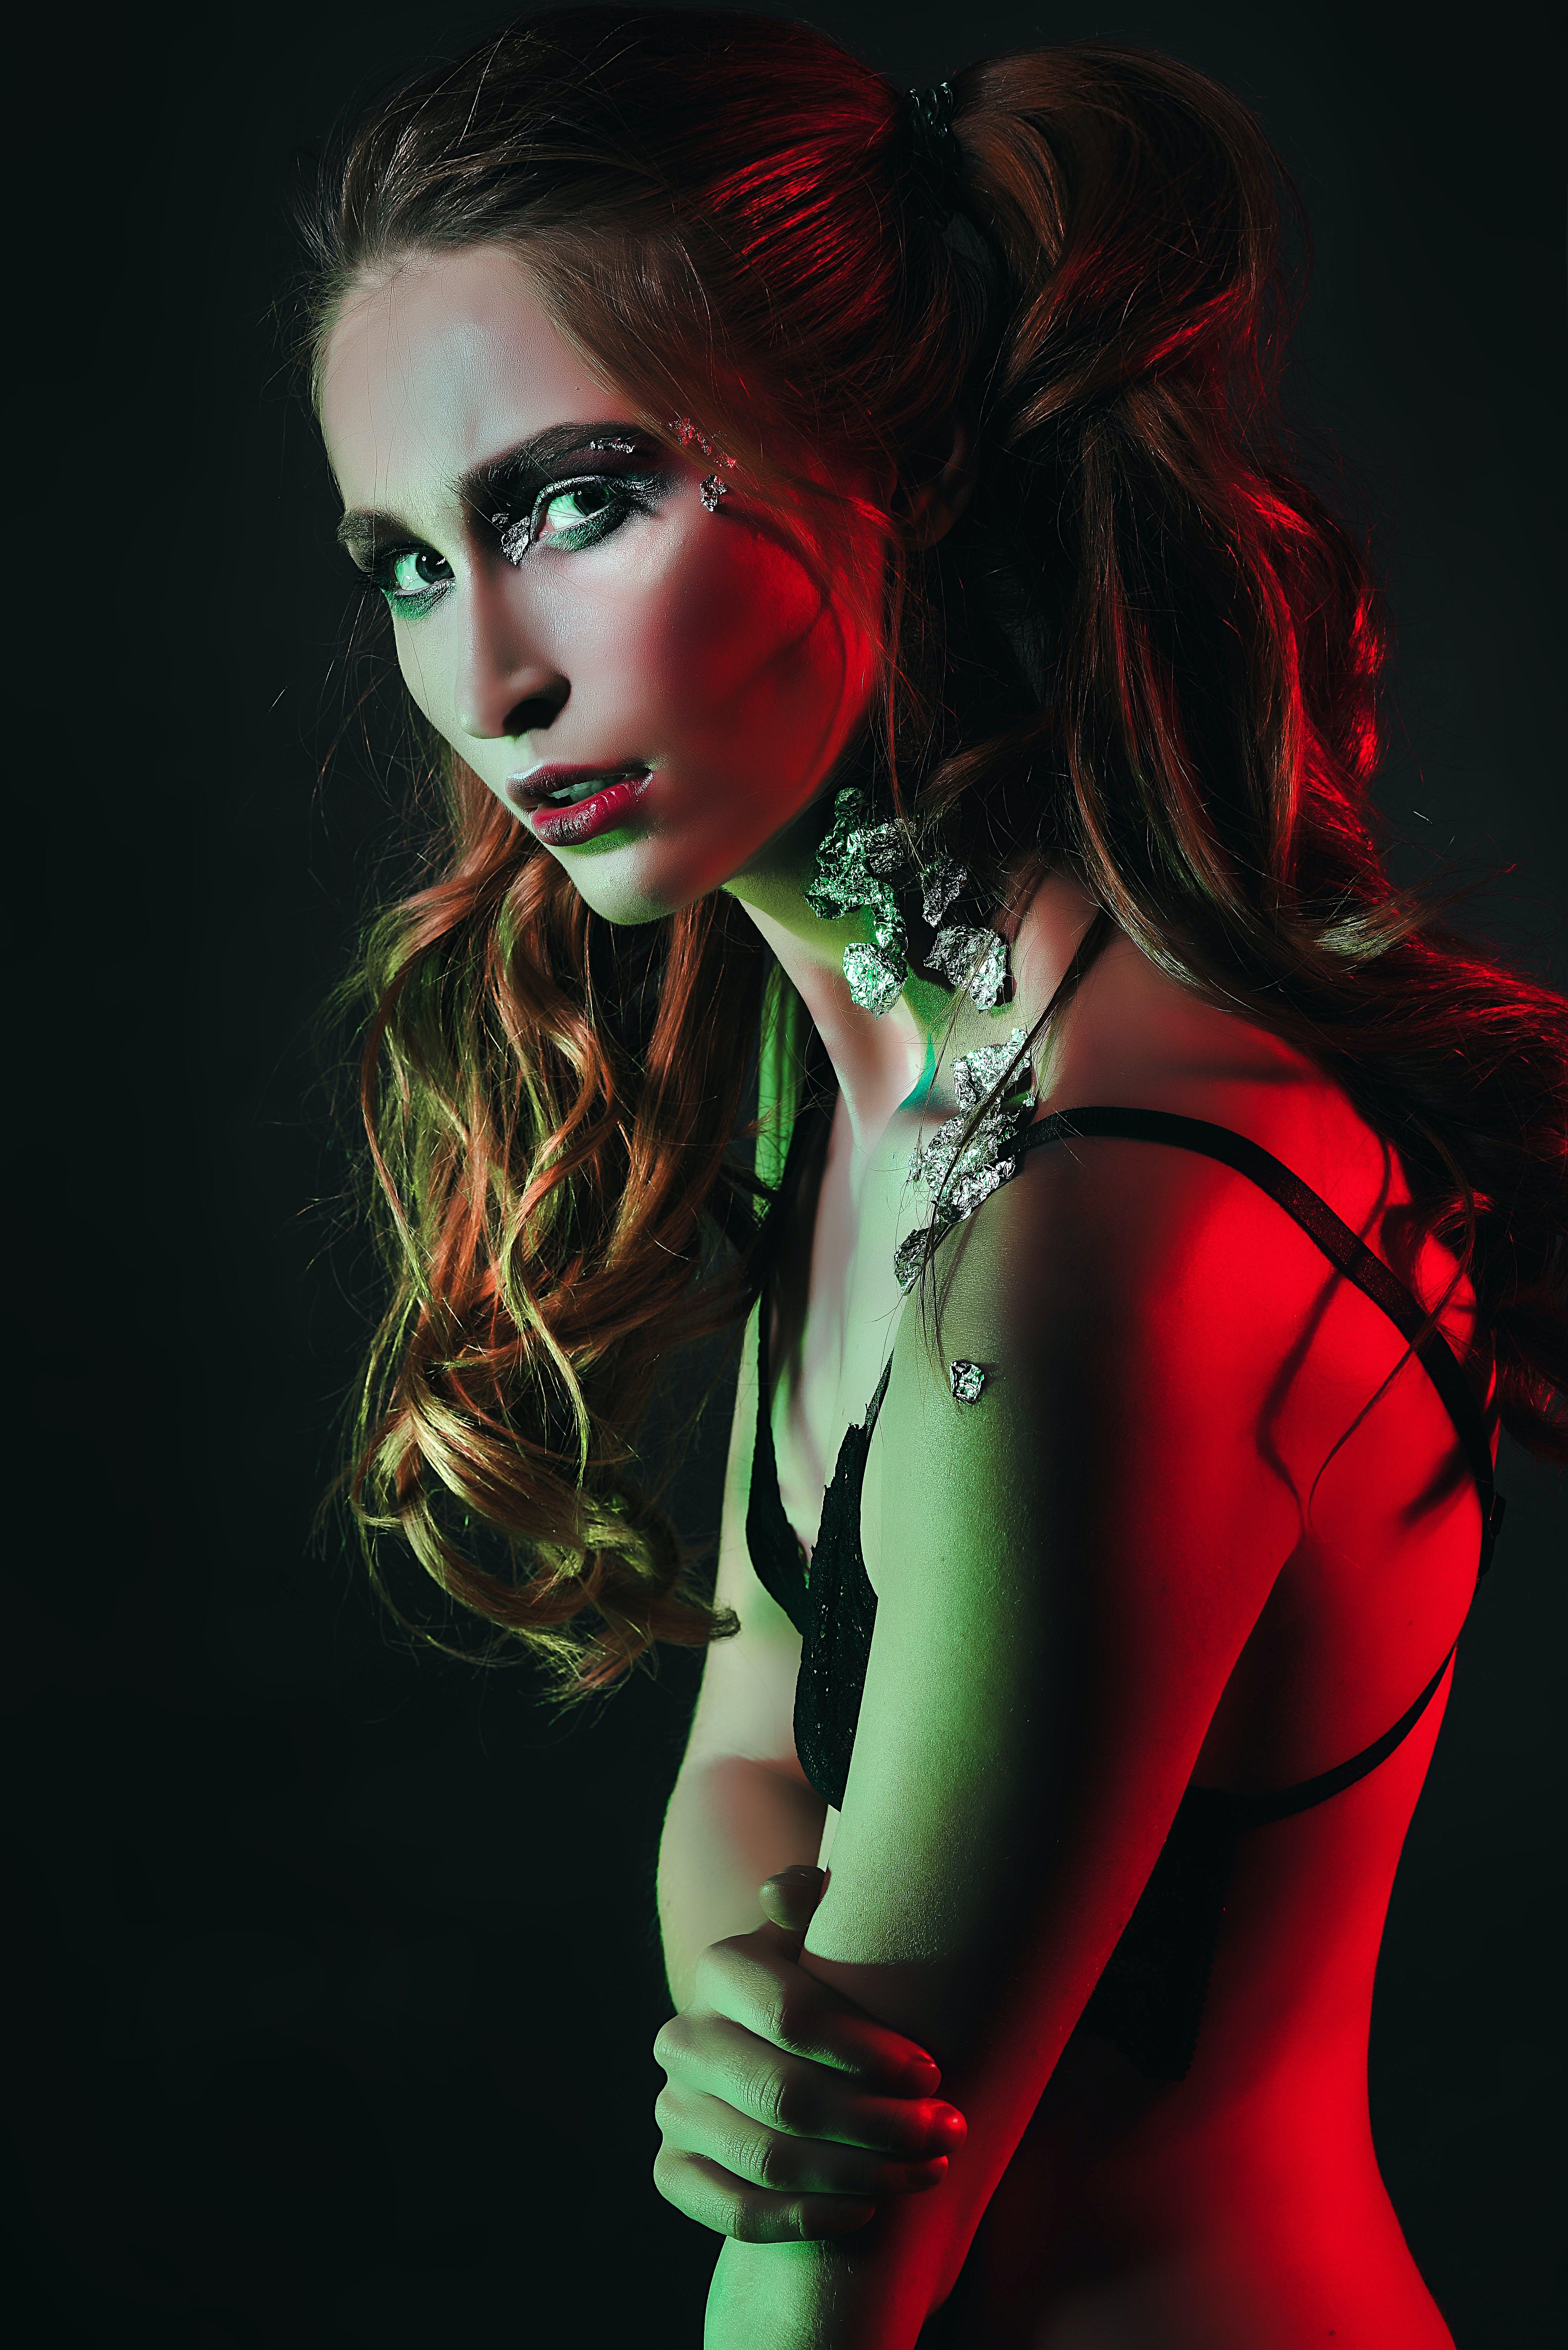 Gratis stockfoto met 31 oktober, aantrekkelijk, aantrekkingskracht, fotomodel